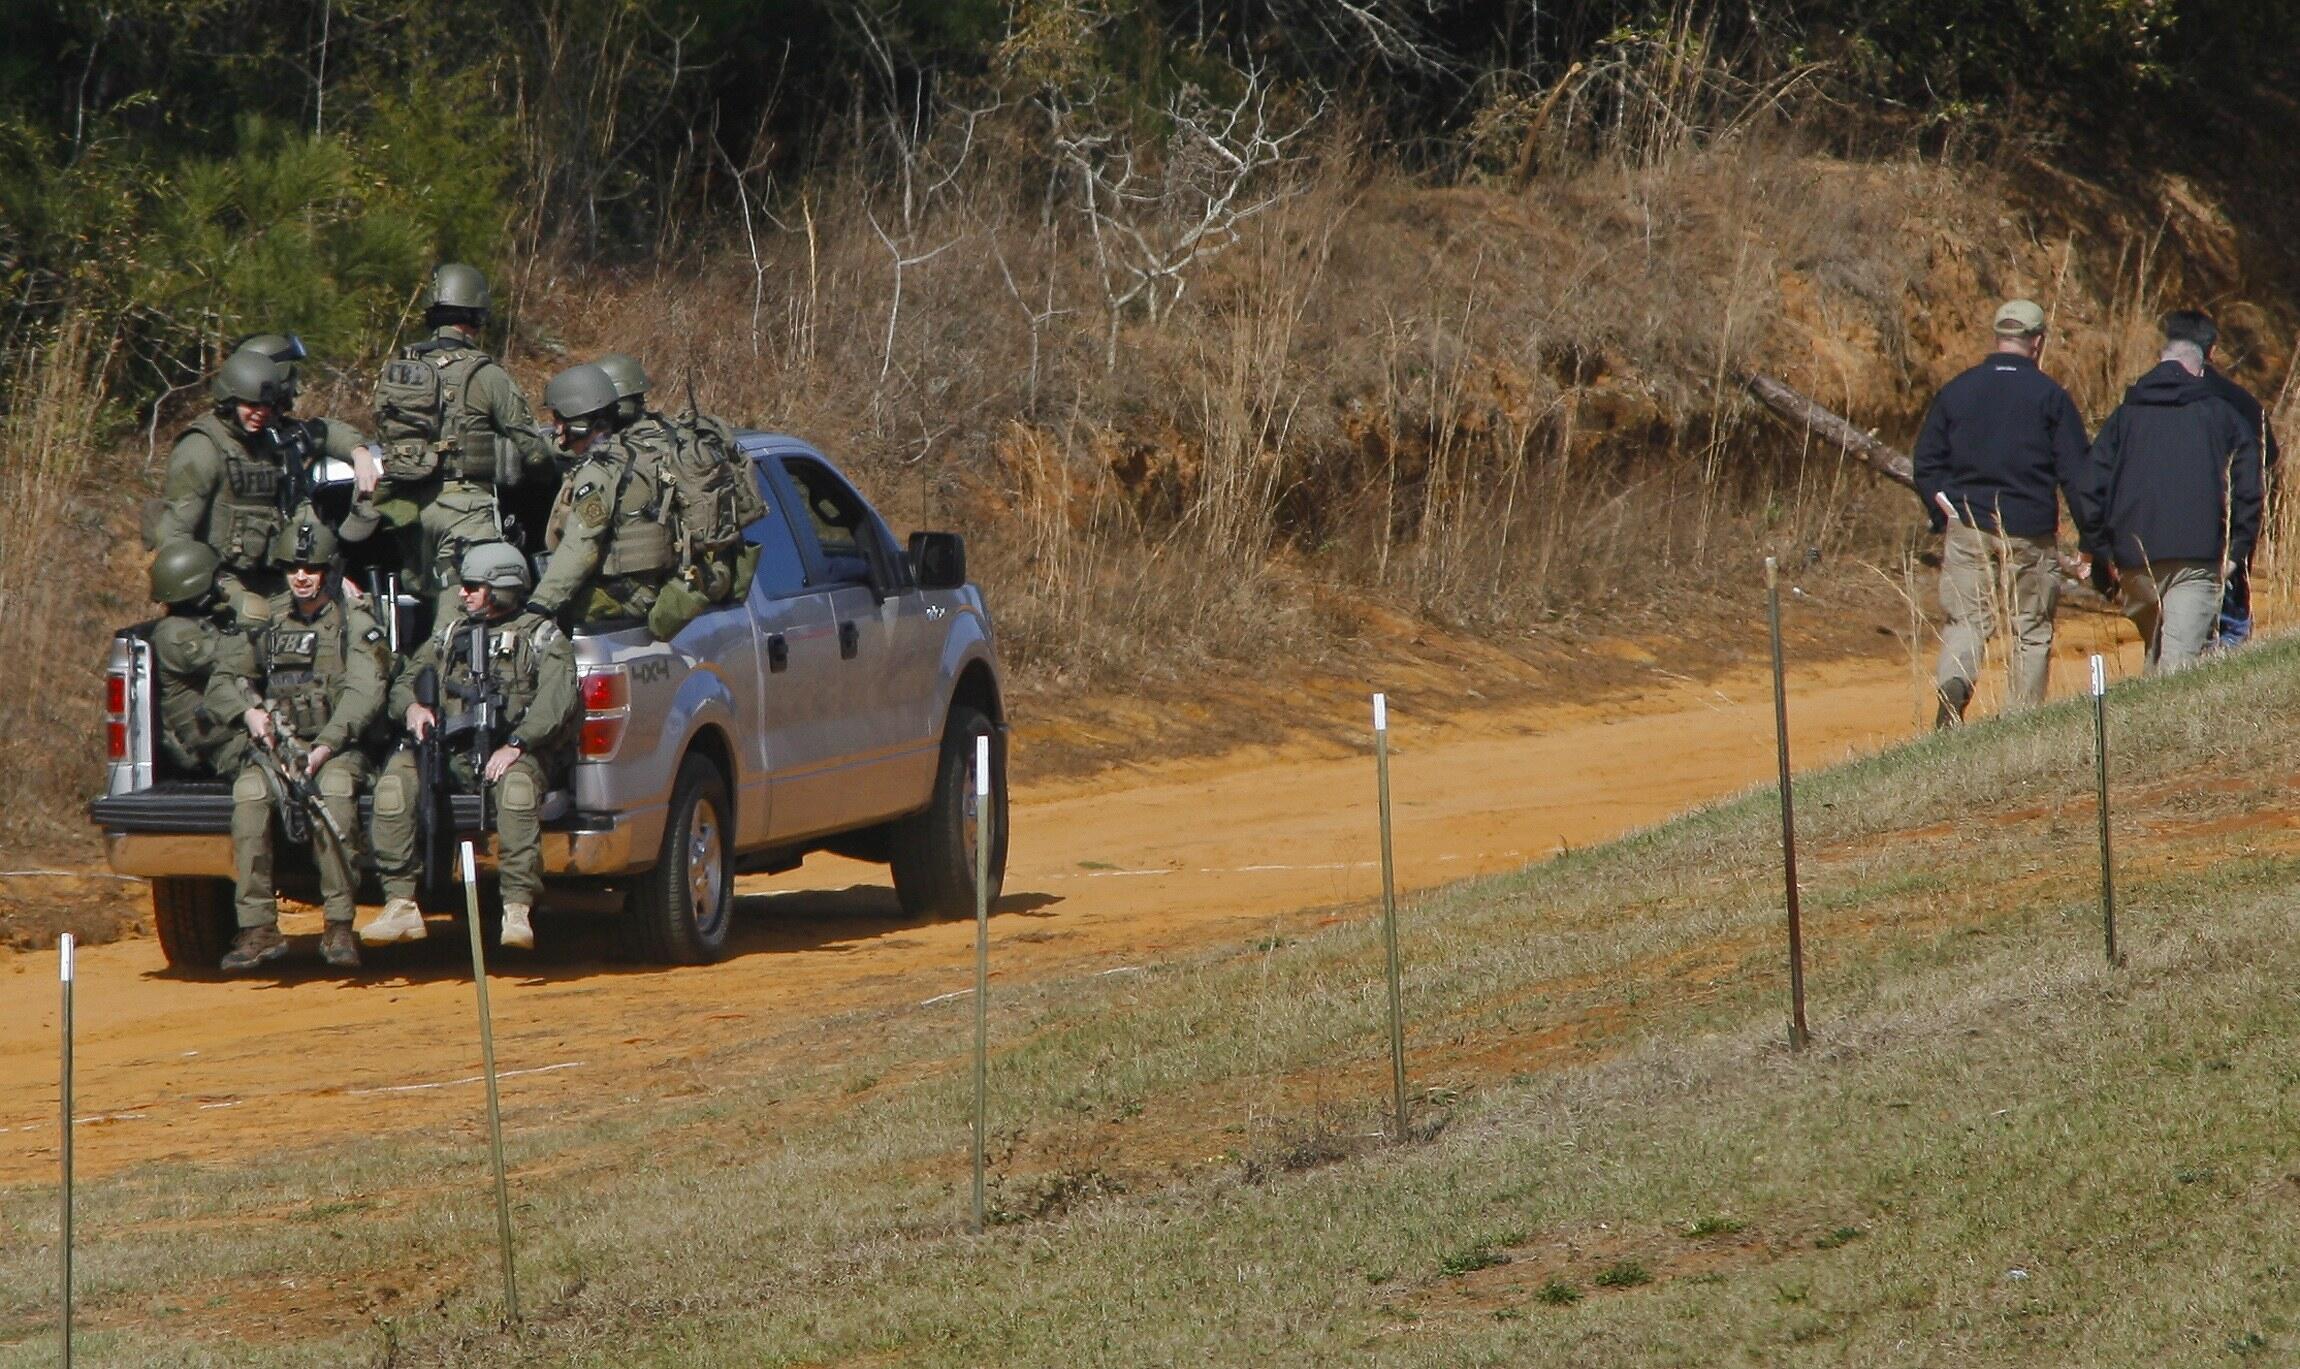 Agentes do FBI em direção ao bunker onde estava sequestrado o menino de 5 anos por um aposentado.